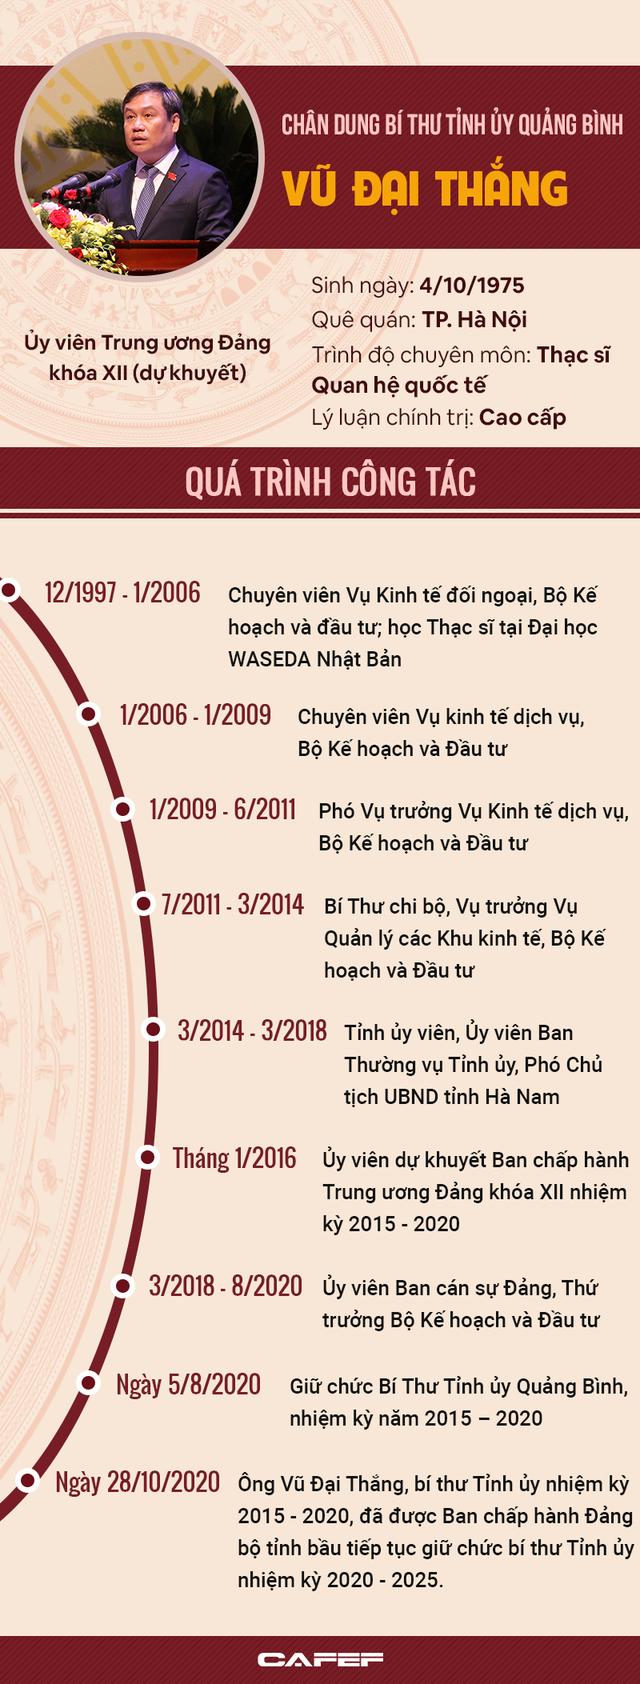 Infographic: Chân dung Bí thư Tỉnh ủy Quảng Bình Vũ Đại Thắng - Ảnh 1.